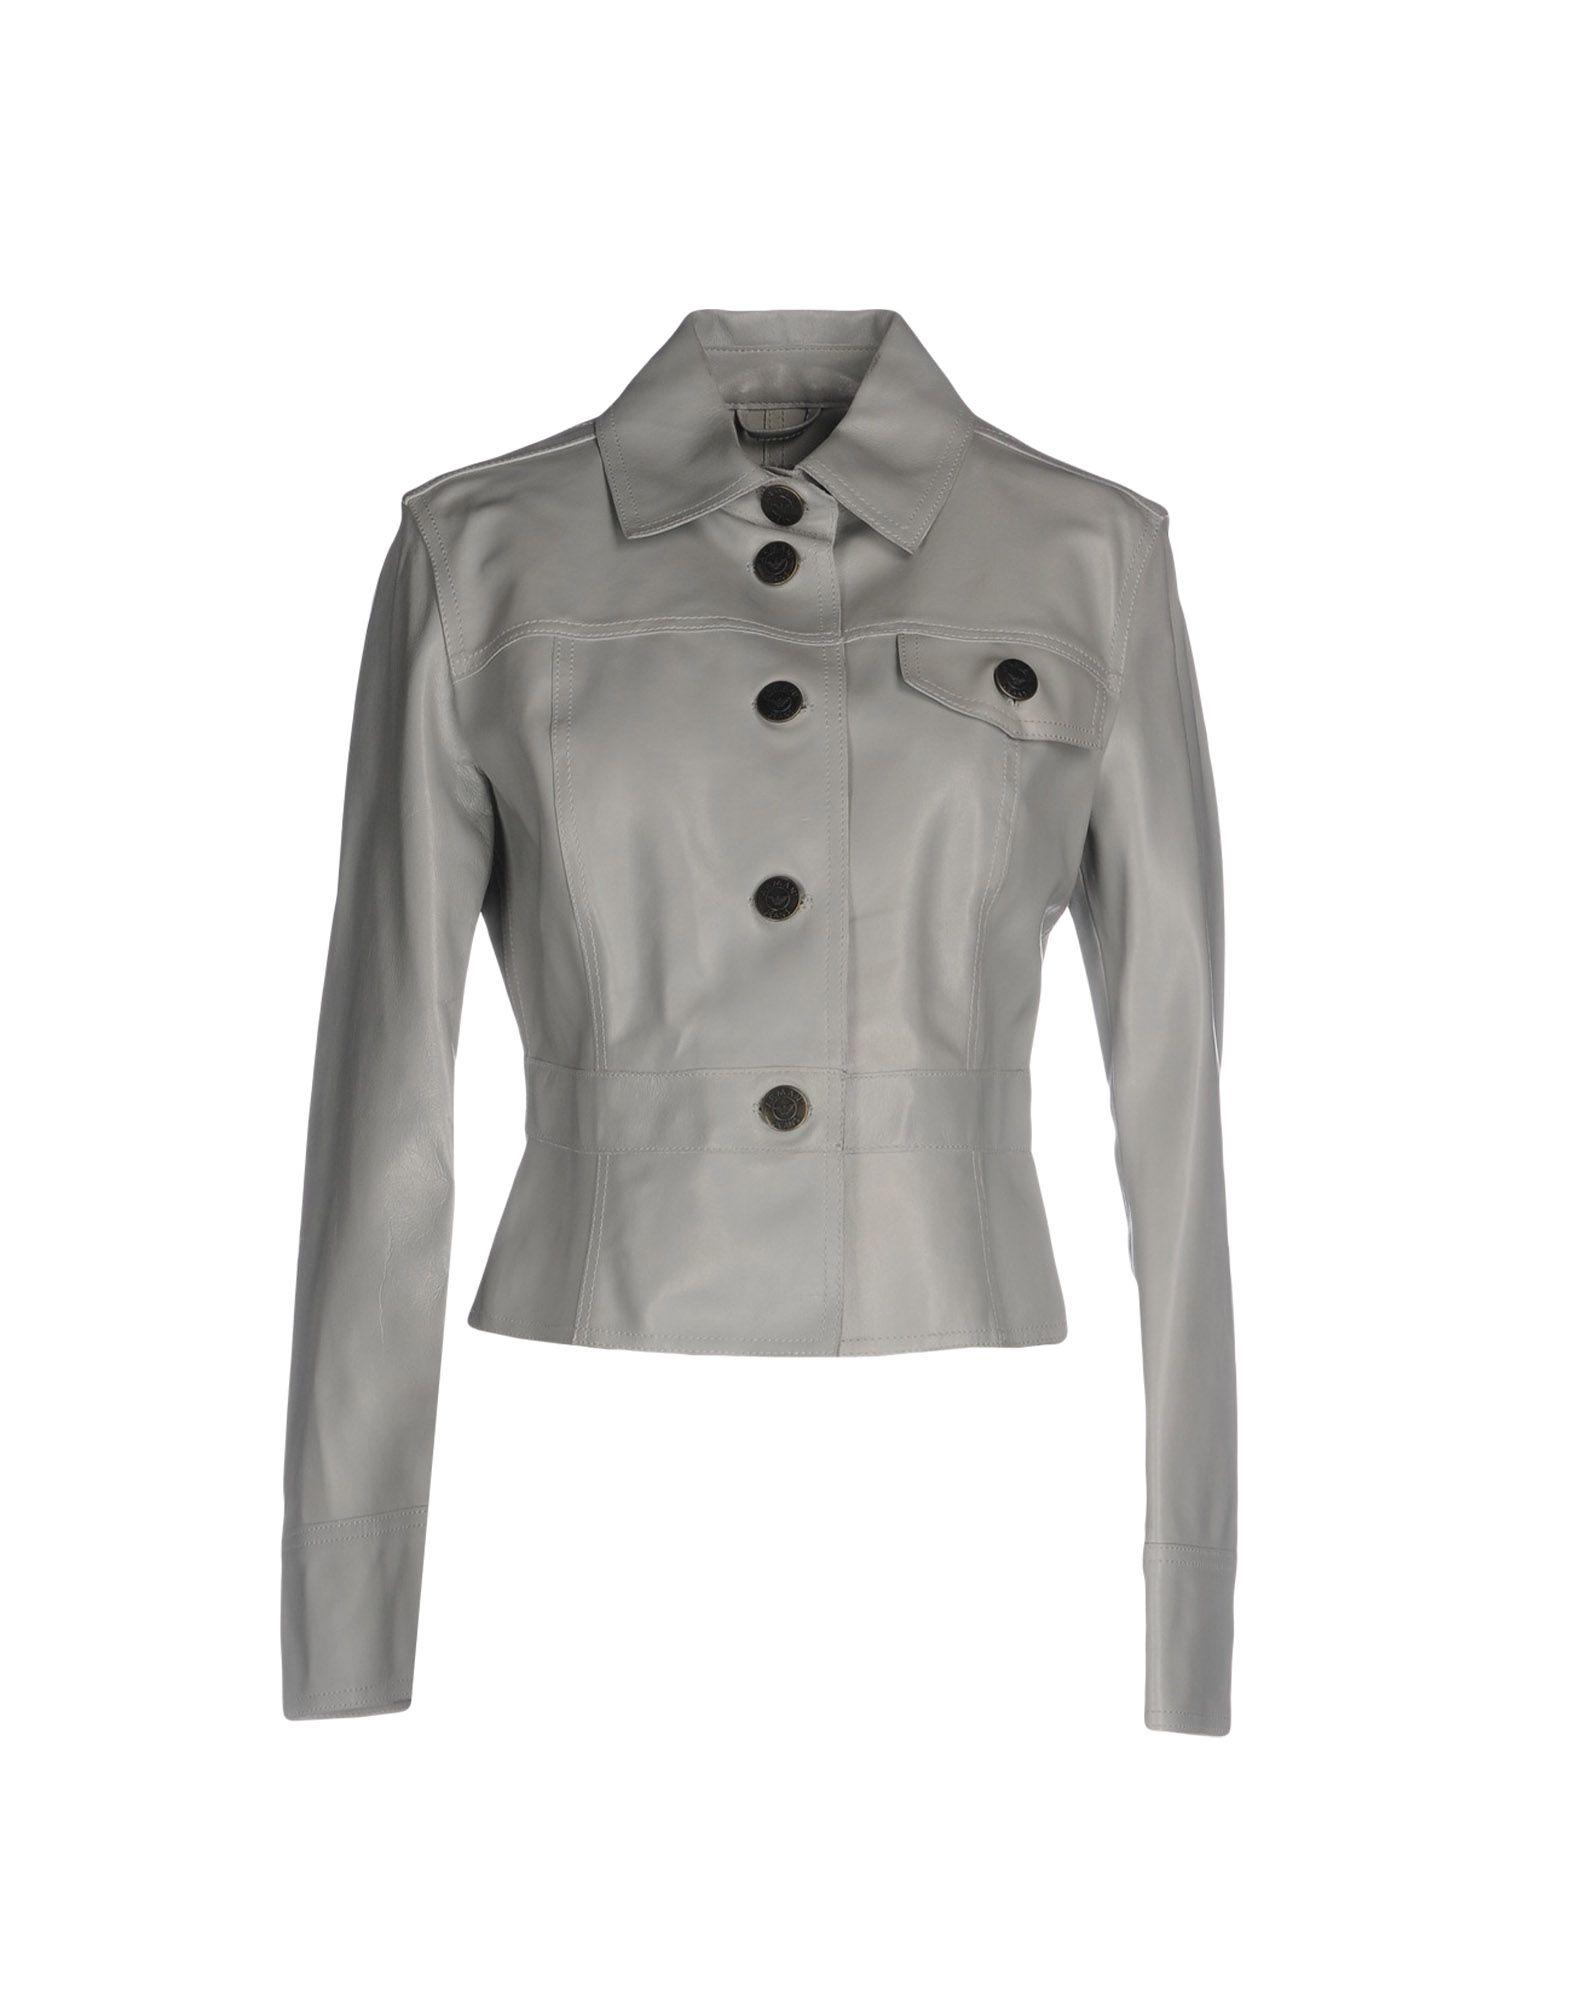 ARMANI JEANS Куртка куртка утепленная armani jeans armani jeans ar411ewtya62